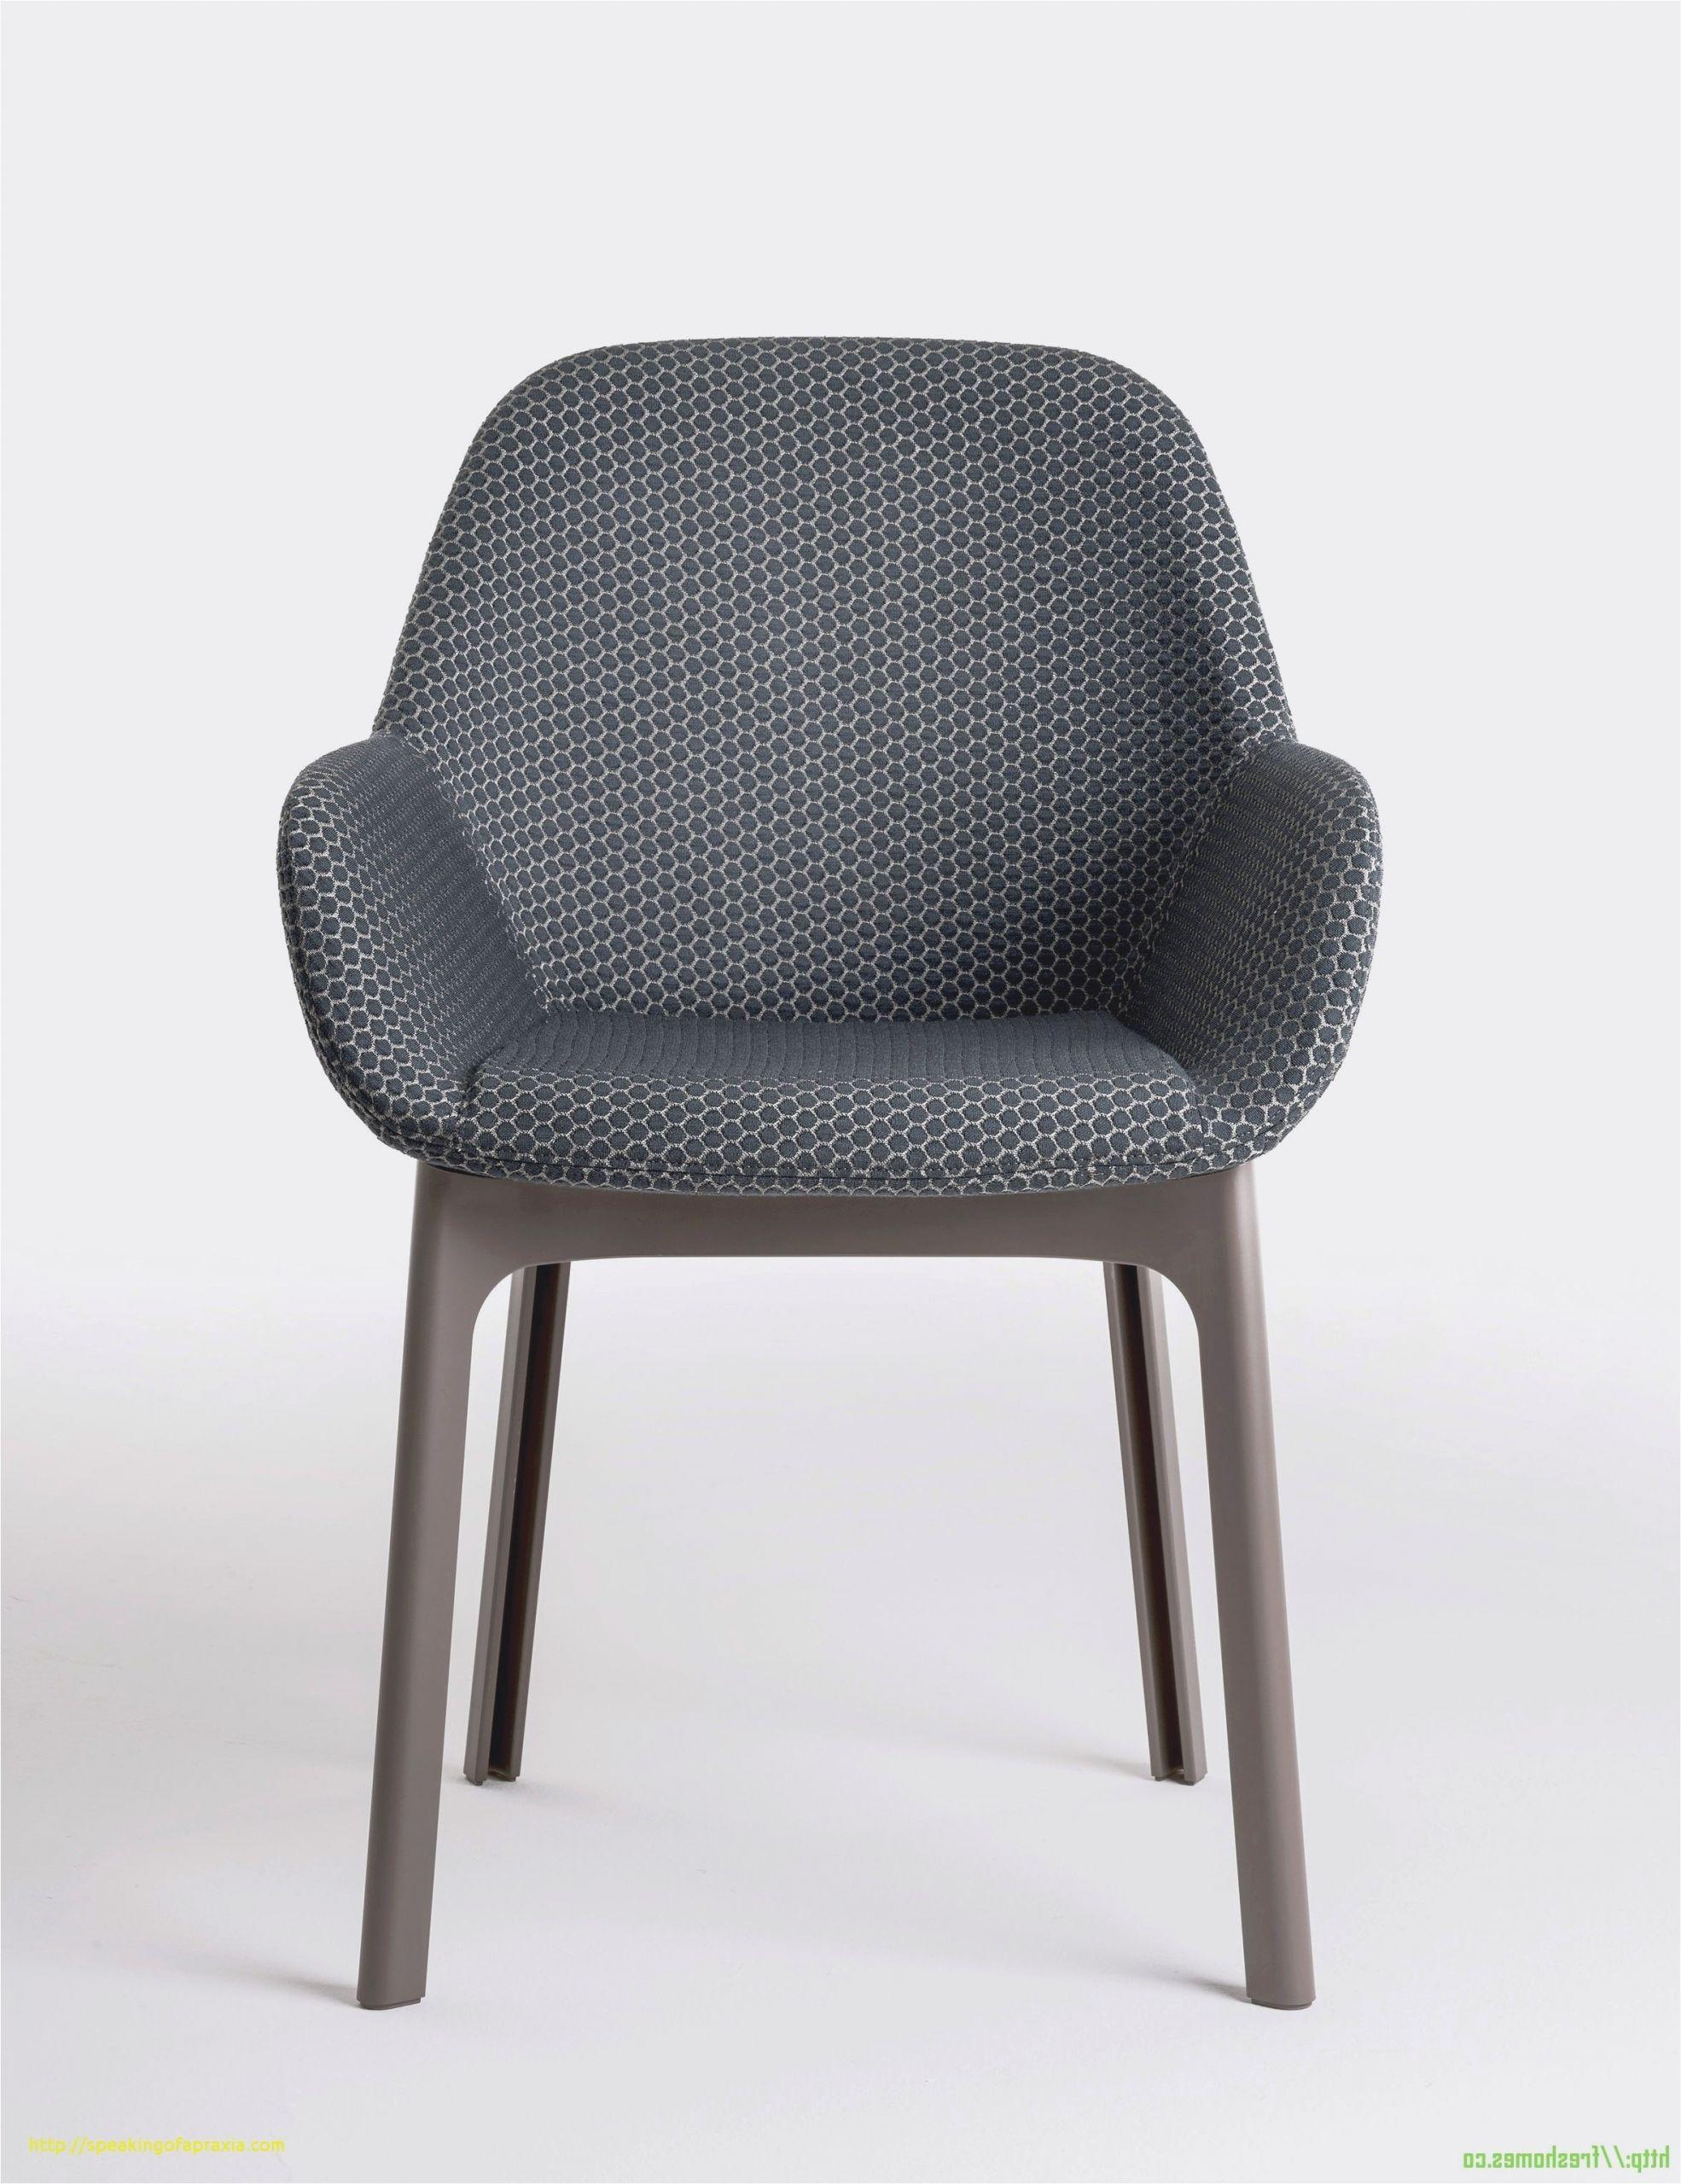 canape club alinea unique fauteuil relax inspirant best chic canape club alinea beau chaise type scandinave accoudoir nouveau of